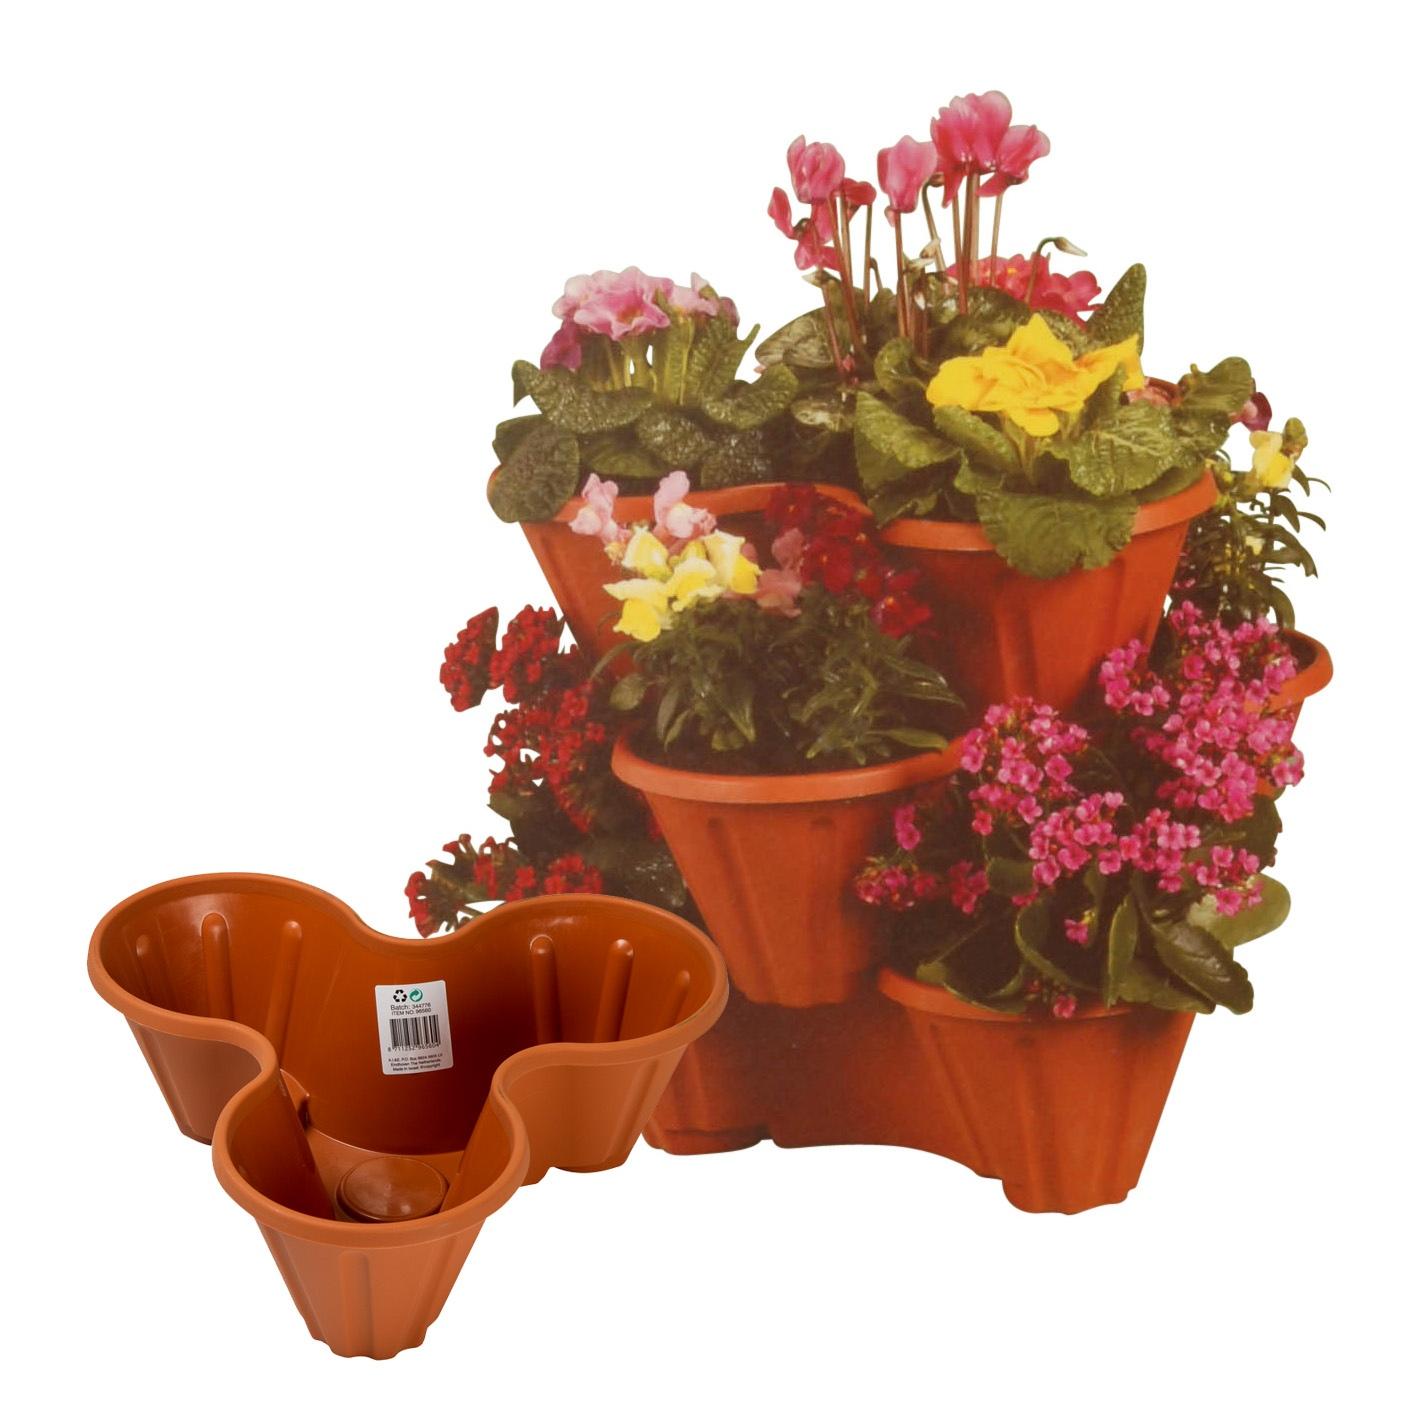 stackable plastic 3 plants flower pots pot holder strawberry herb planter garden ebay. Black Bedroom Furniture Sets. Home Design Ideas